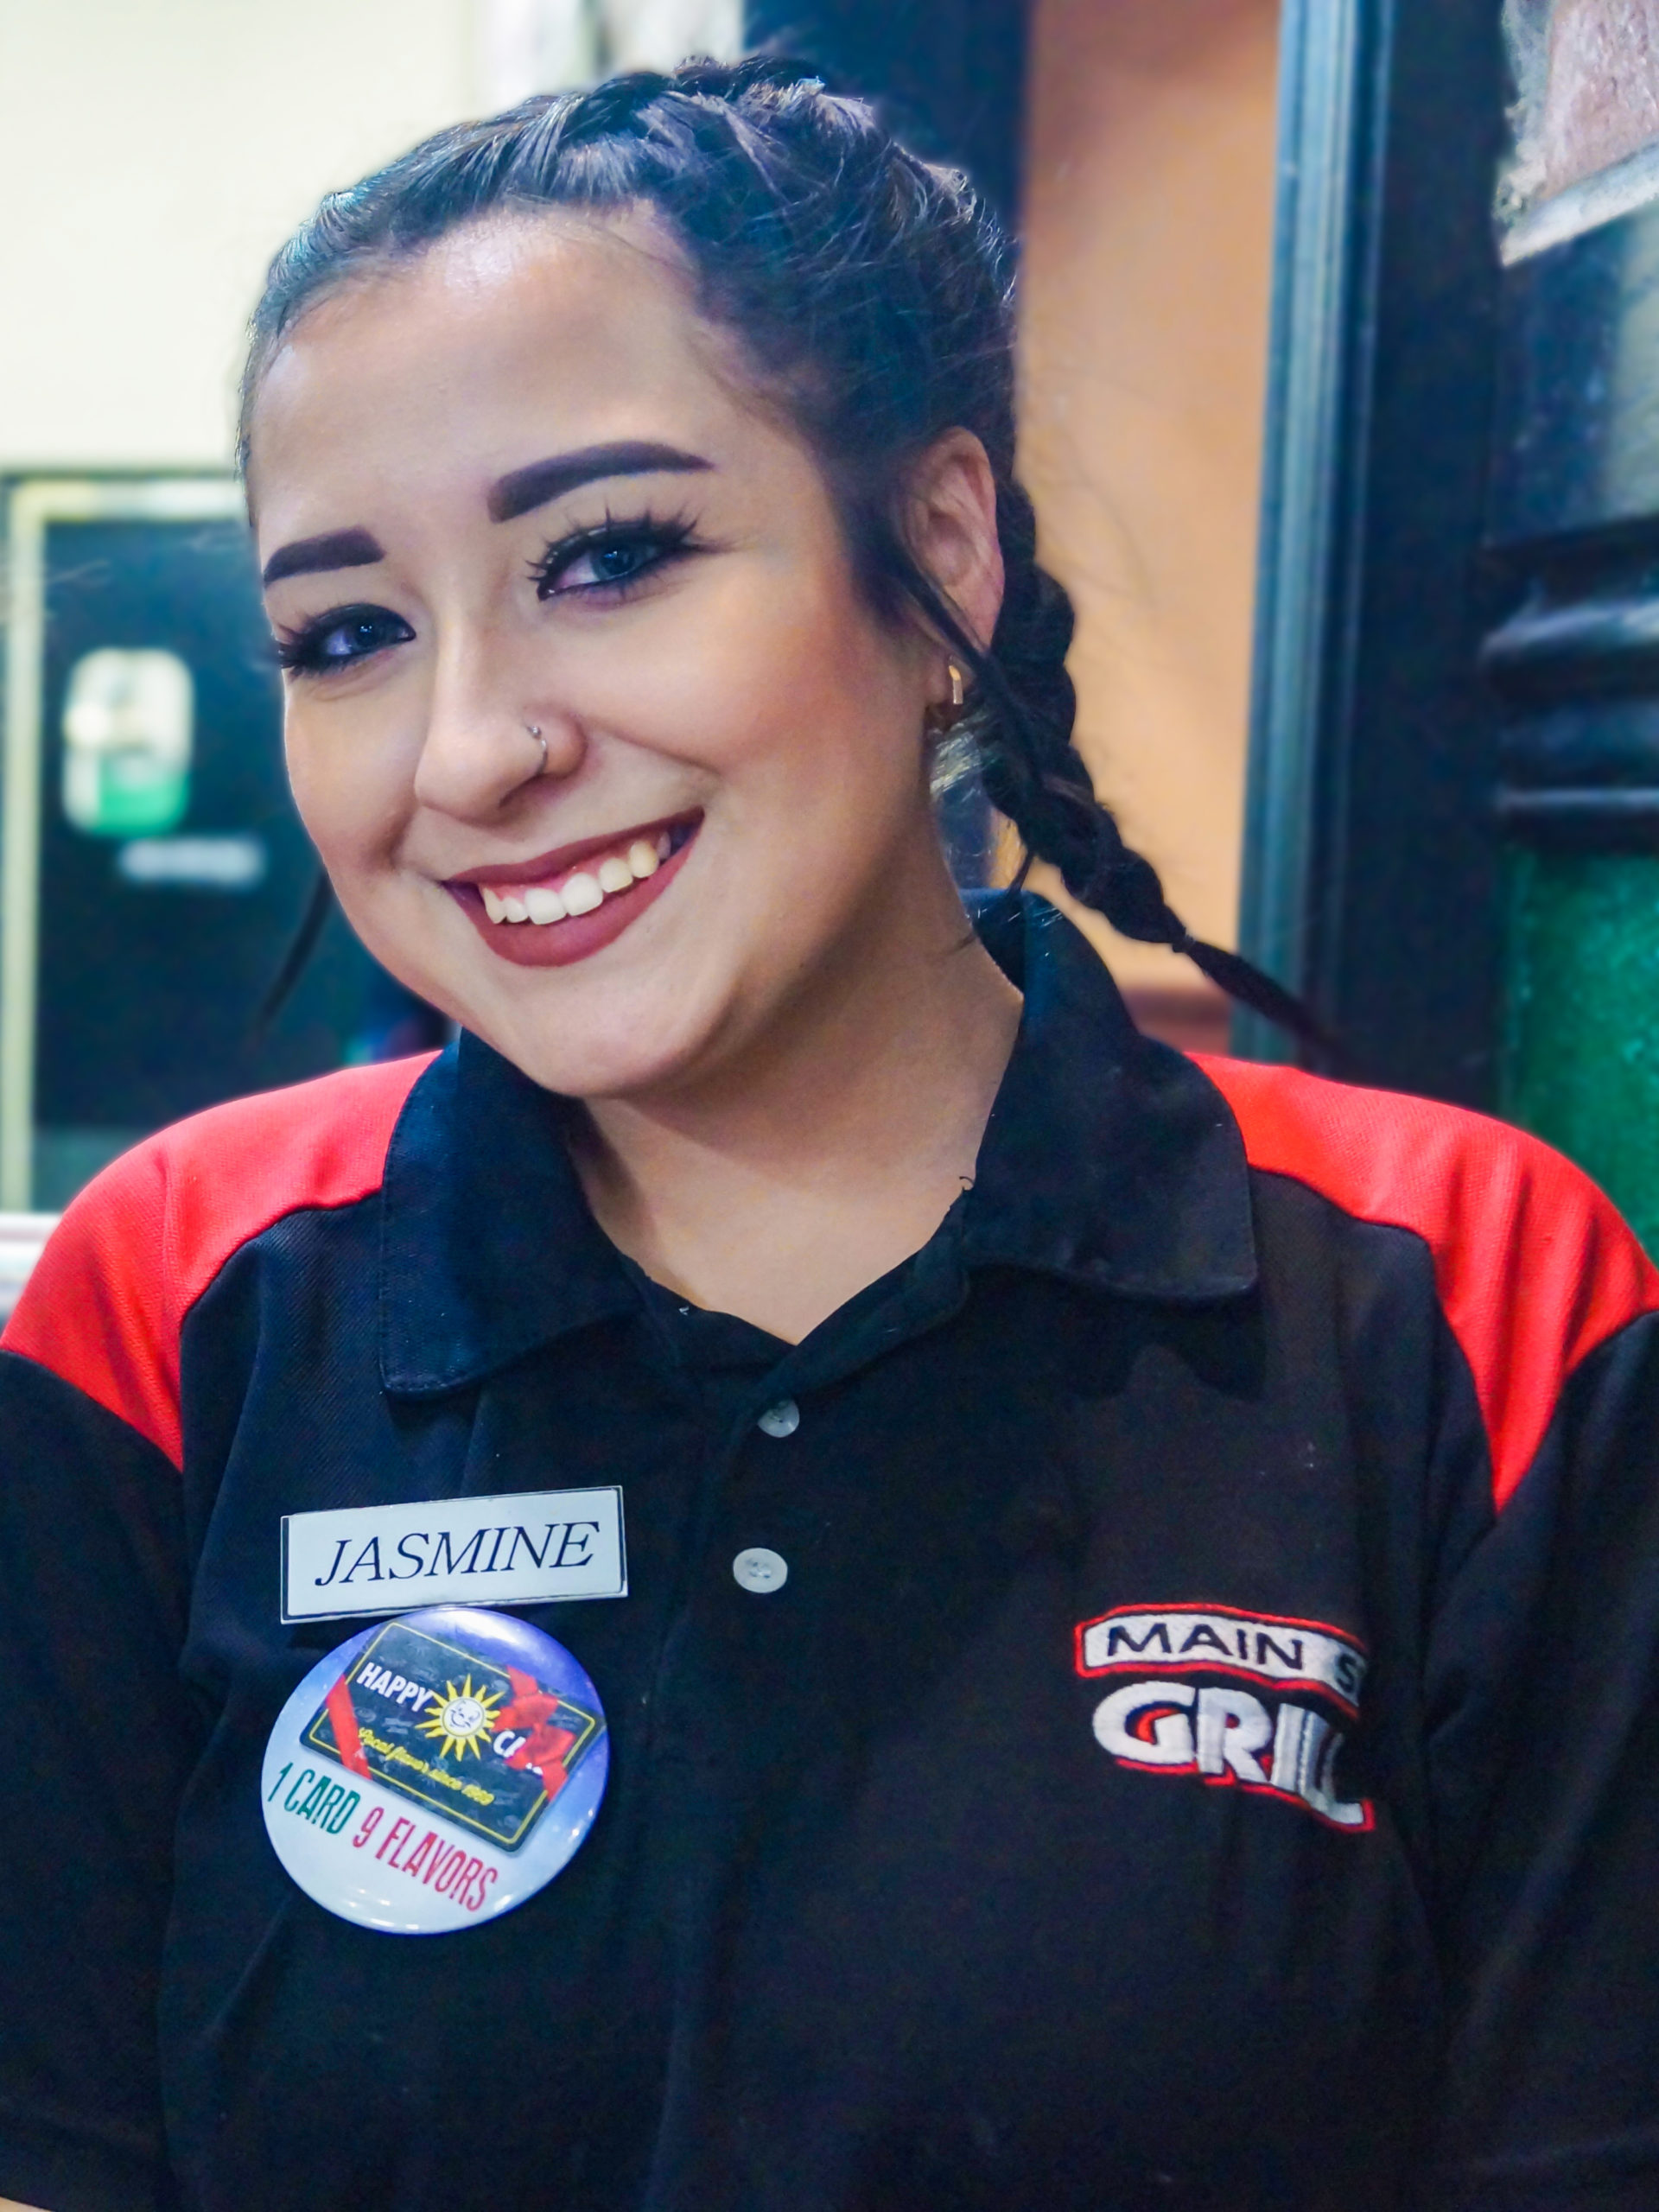 JASMINE JUAREZ